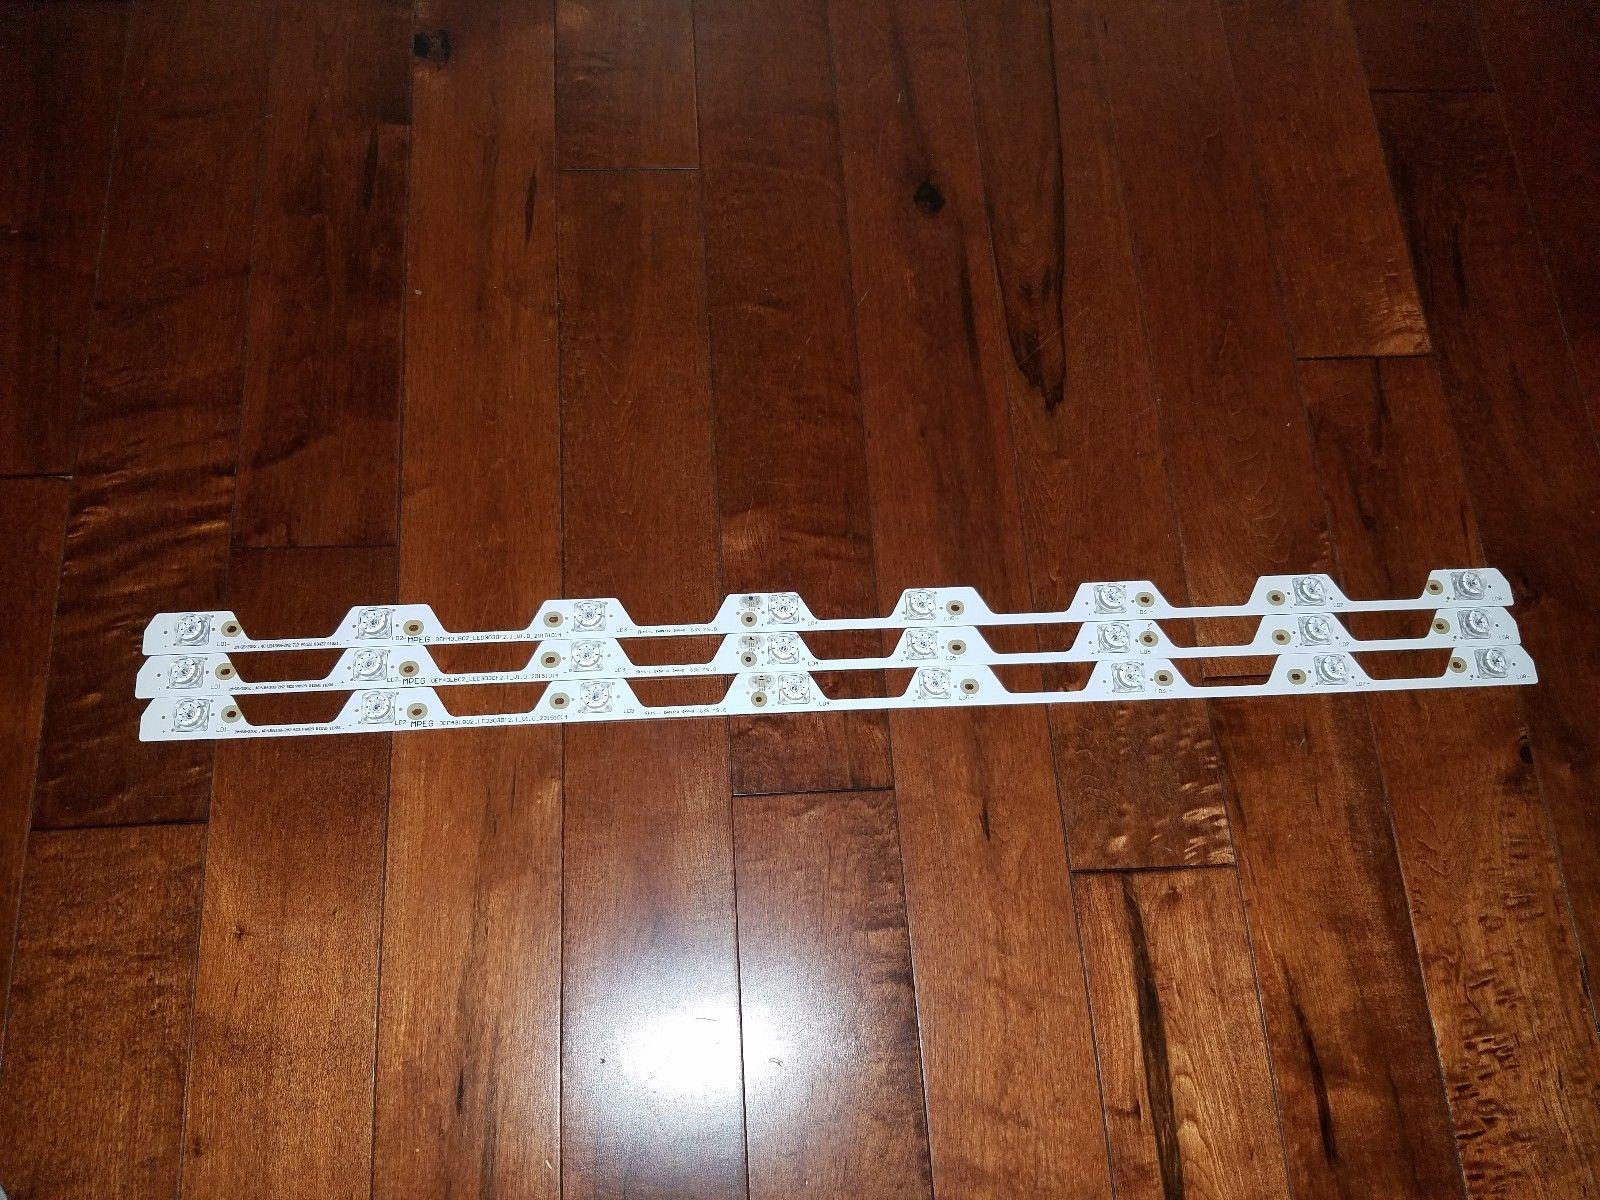 TCL 43UP130 LED Strip Set (3) OEM43LB02_LED3030F2.1_V1.0